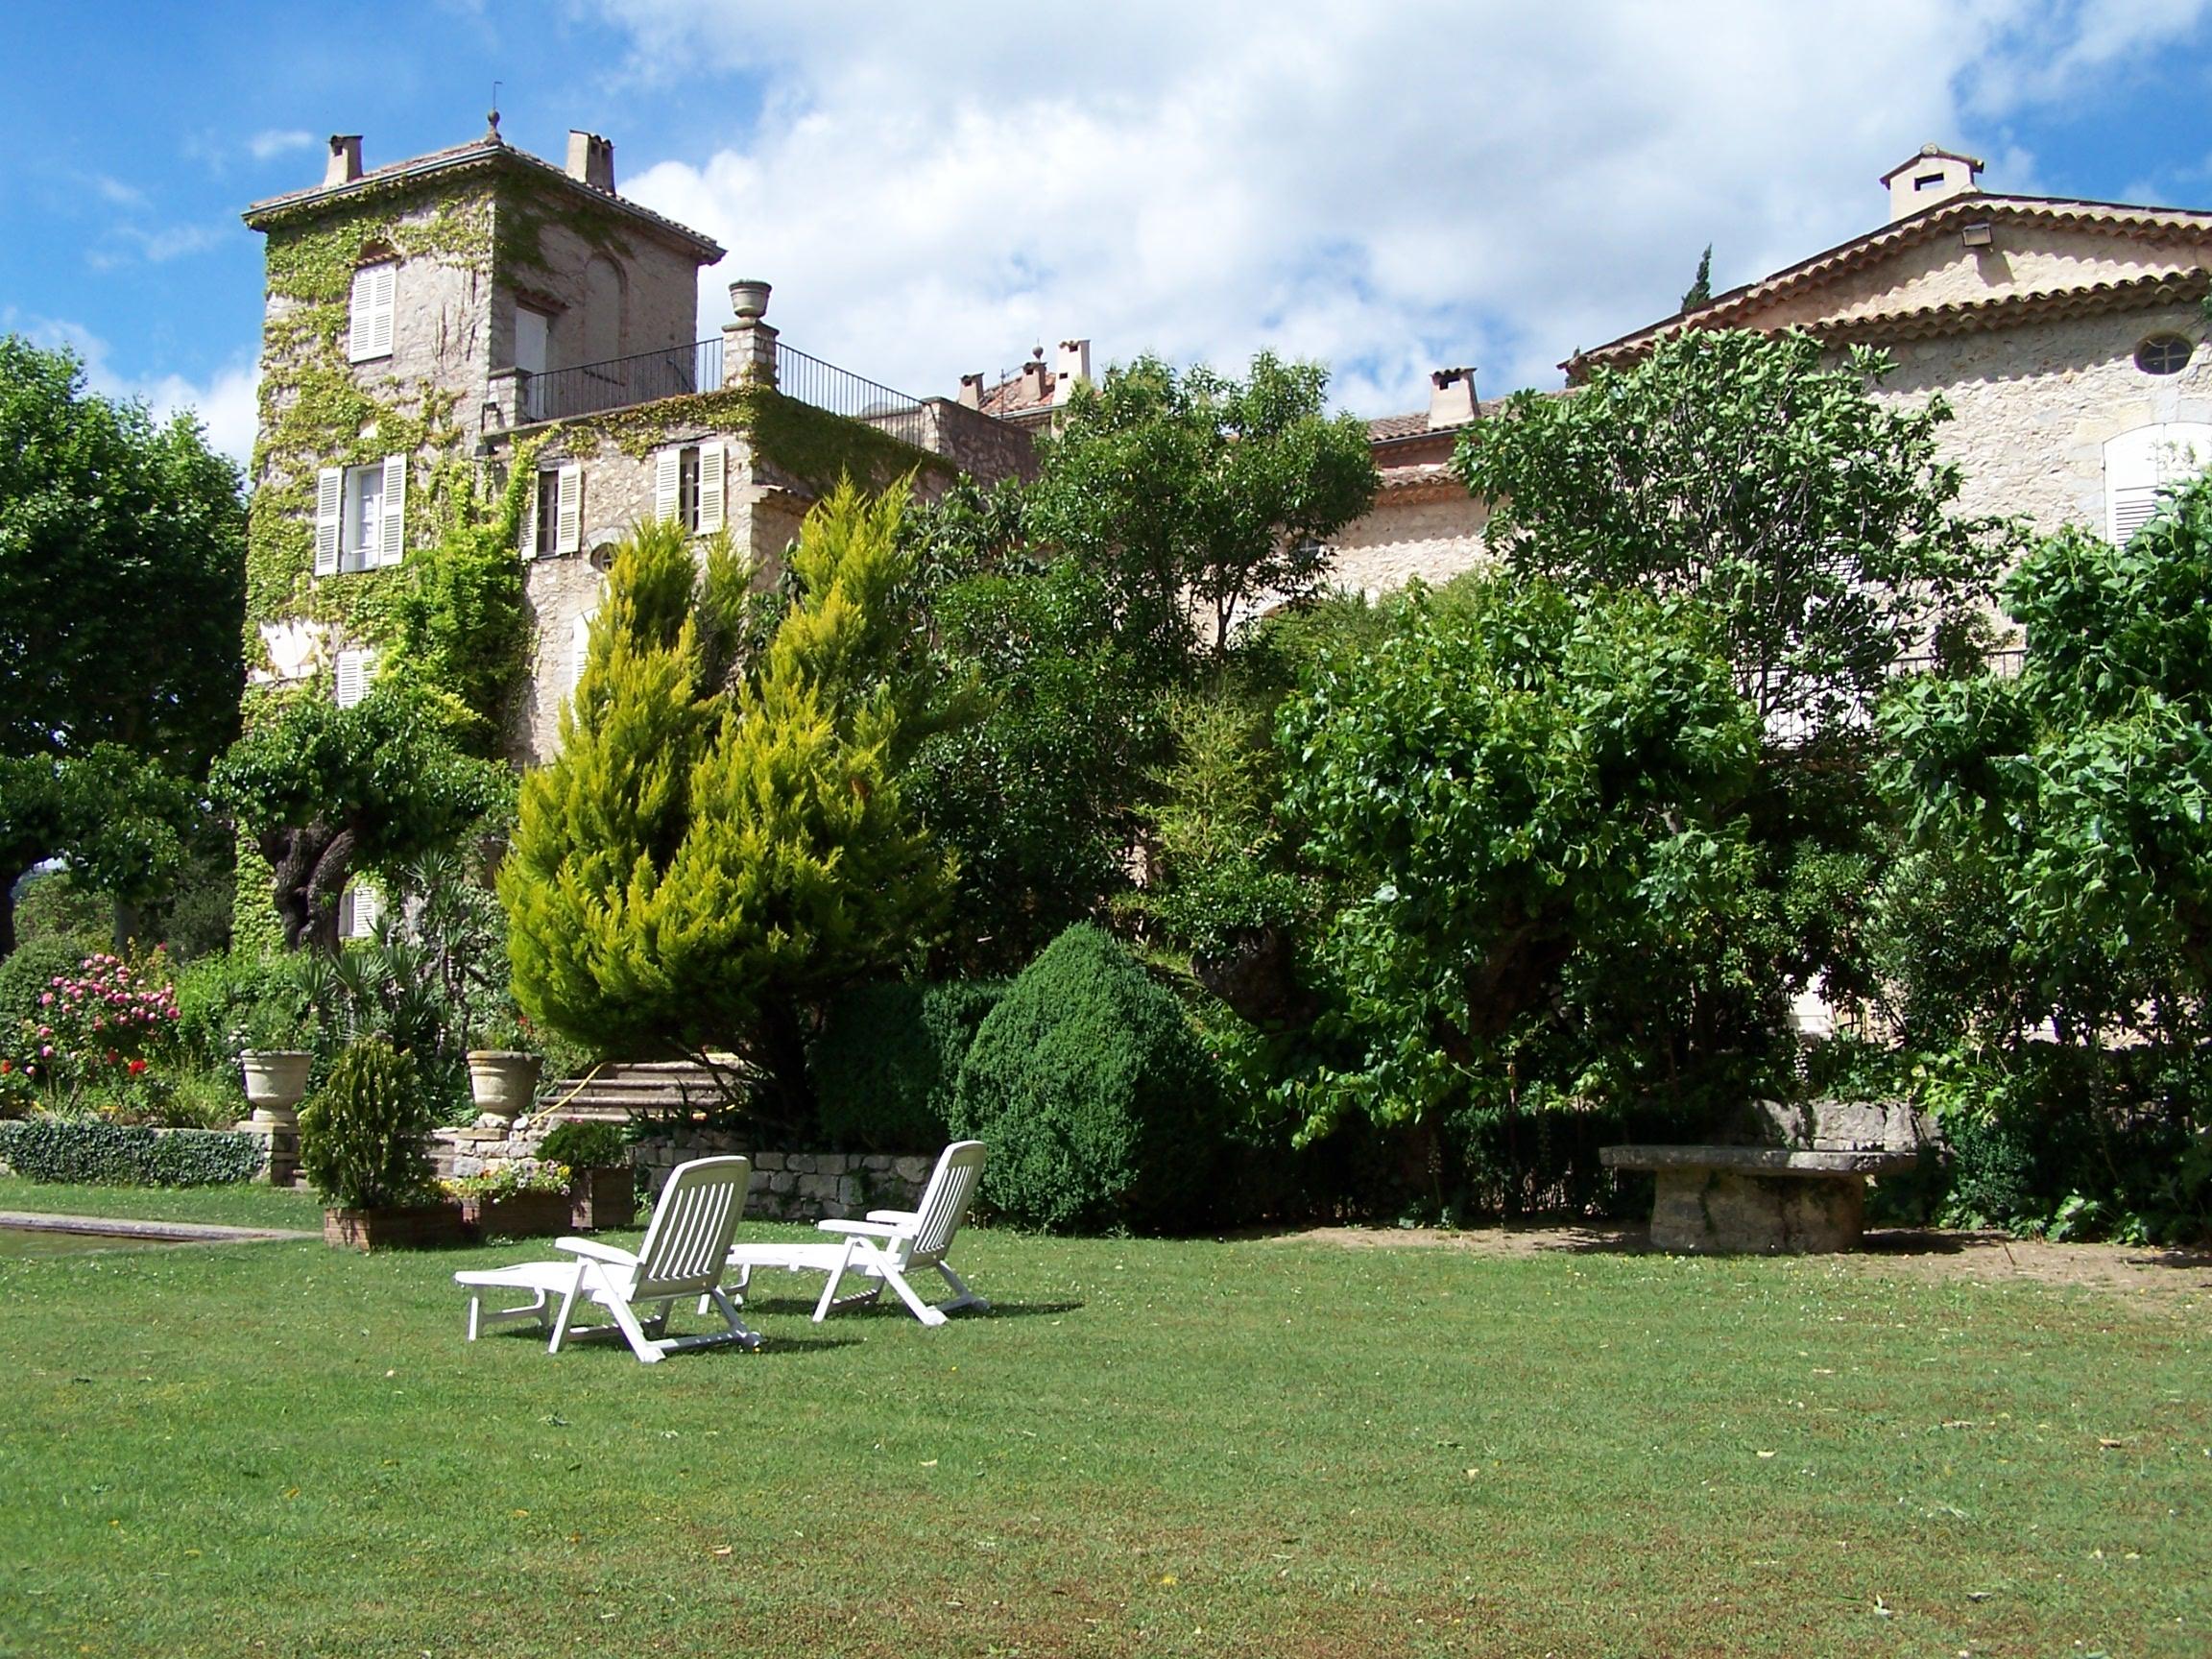 La Colle Noire Dior new life at château de la colle noire, the dior's historic